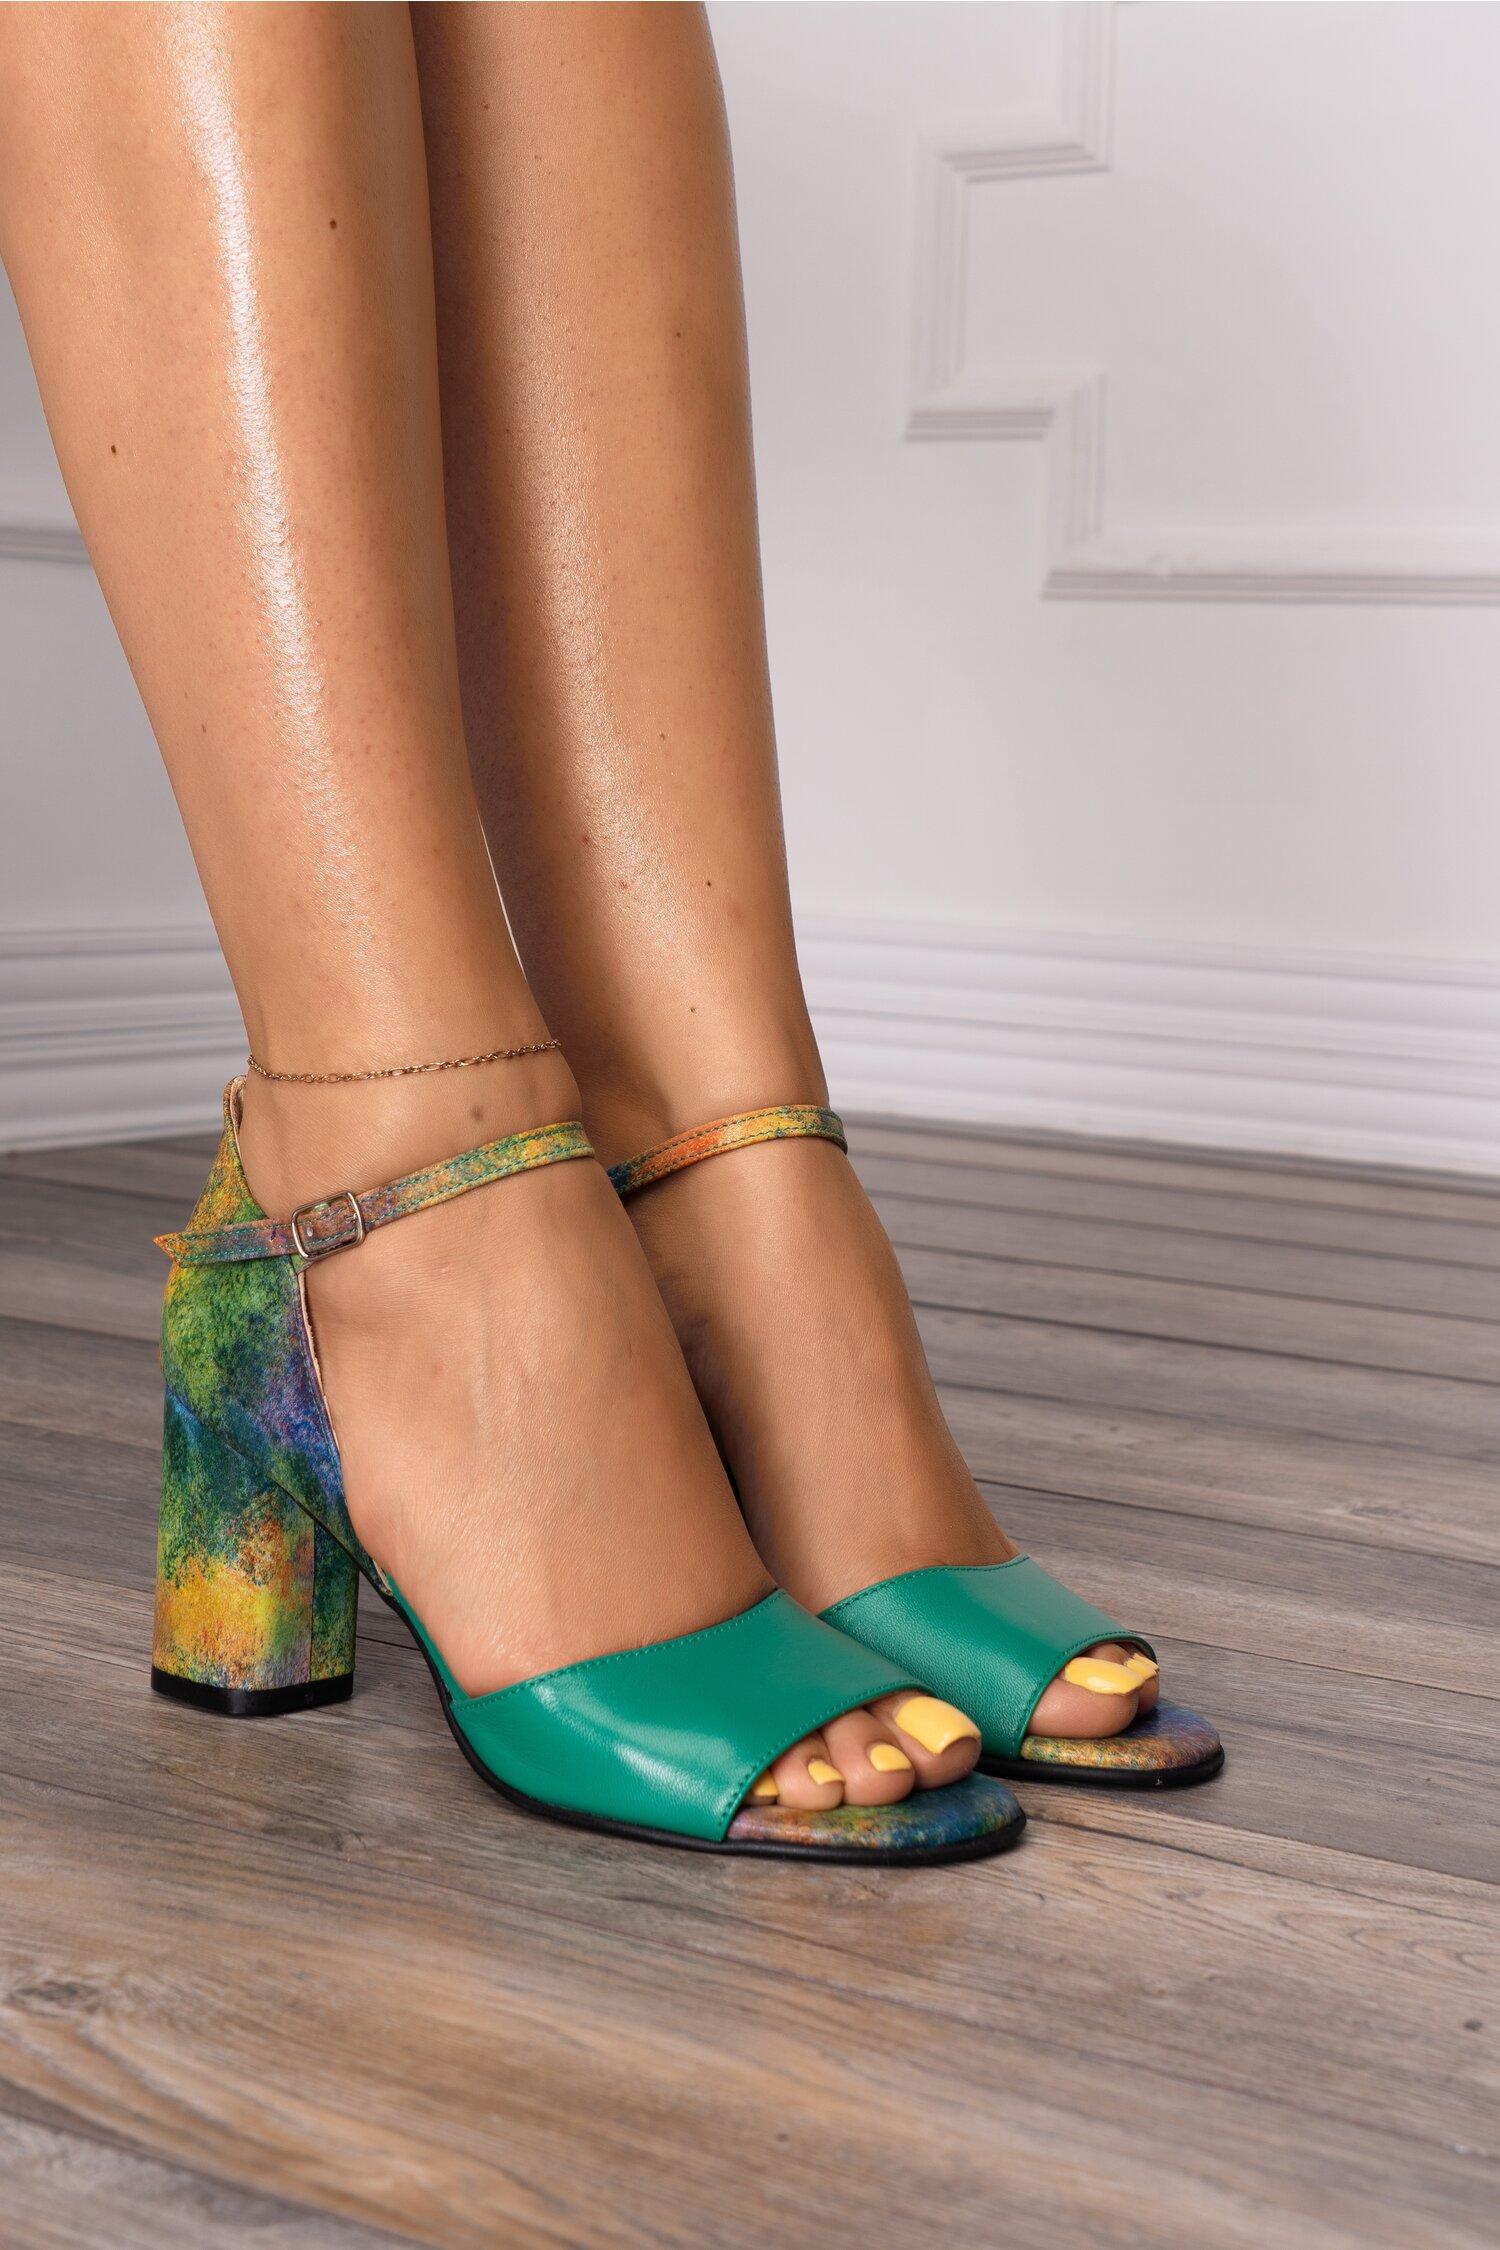 Sandale verzi cu imprimeu pastelat multicolor imagine